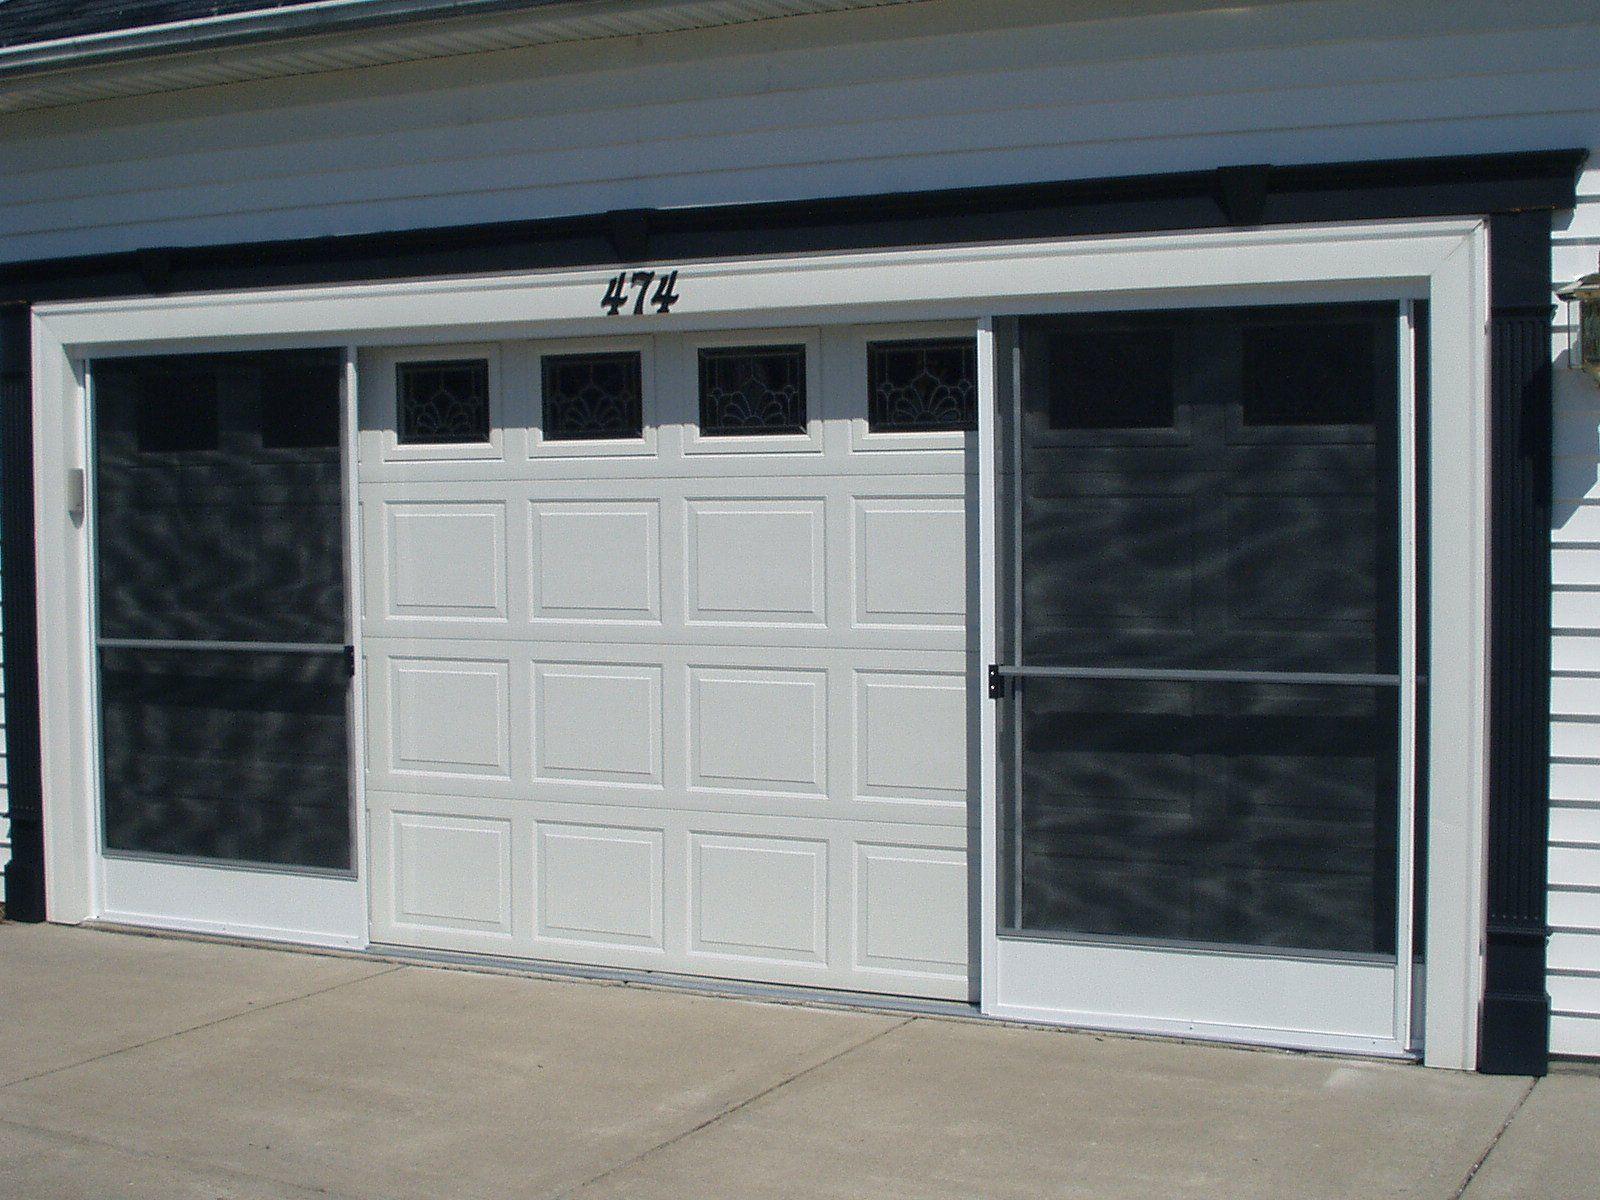 How to build sliding garage doors - Garage Screen Sliding Door Installation Call Rupp Overhead Door Buffalo Area 716 655 5109